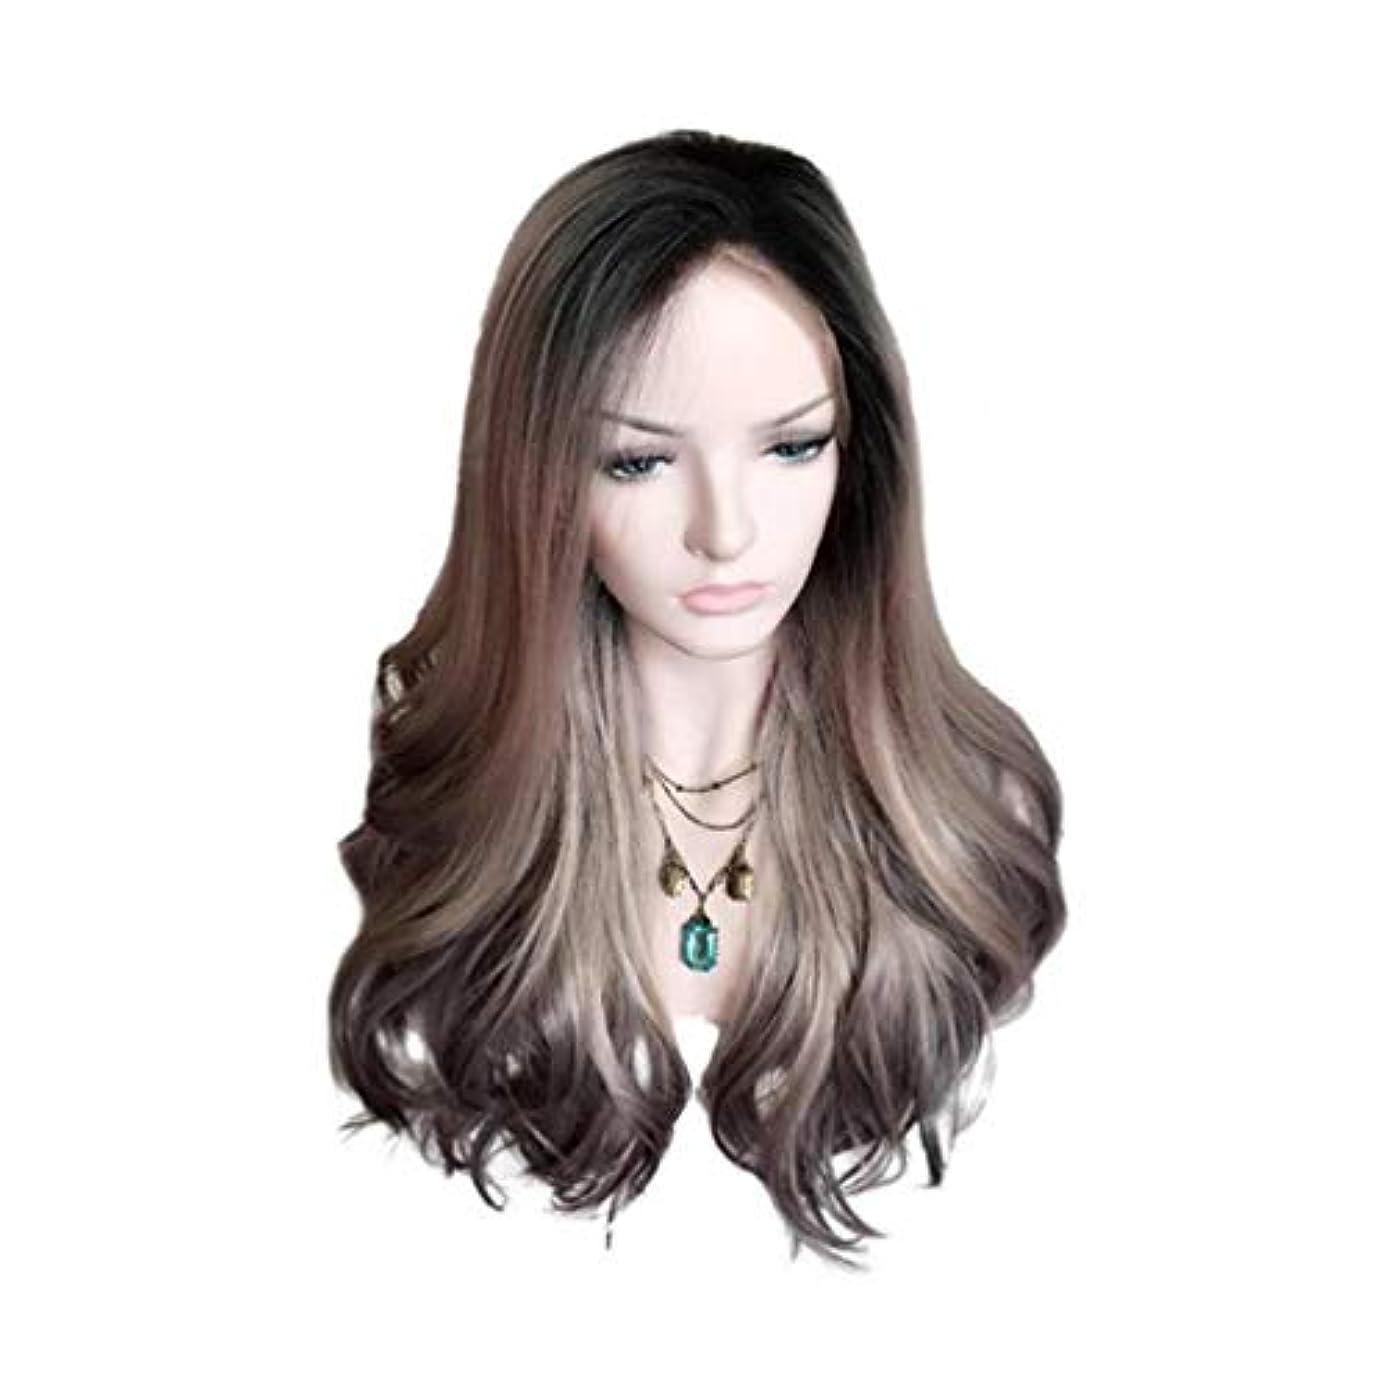 の配列想像力私たち自身女性ブラジルウィッグ150%密度ロングカーリーウィッグ波状かつら合成耐熱パーティーウィッググラデーション55cm